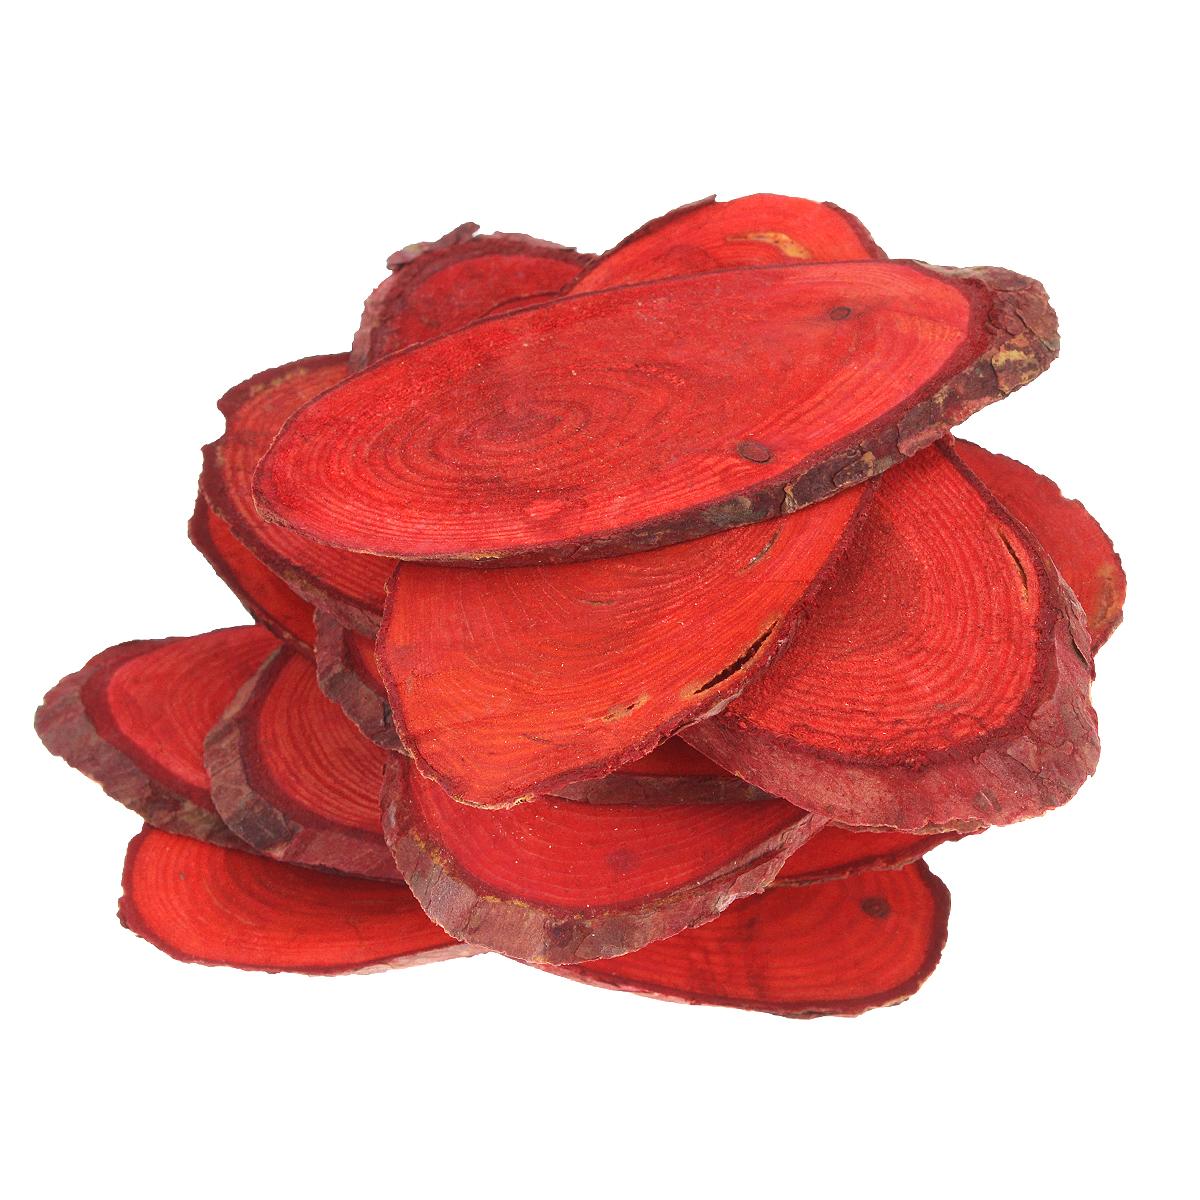 Декоративный элемент Dongjiang Art, цвет: красный, толщина 4 мм, 250 г. 770897955052Декоративный элемент Dongjiang Art, изготовленный из натурального дерева, предназначен для украшения цветочных композиций. Изделие можно также использовать в технике скрапбукинг и многом другом. Флористика - вид декоративно-прикладного искусства, который использует живые, засушенные или консервированные природные материалы для создания флористических работ. Это целый мир, в котором есть место и строгому математическому расчету, и вдохновению.Толщина среза: 4 мм. Средний размер элементов: 4,5 см х 8,5 см.